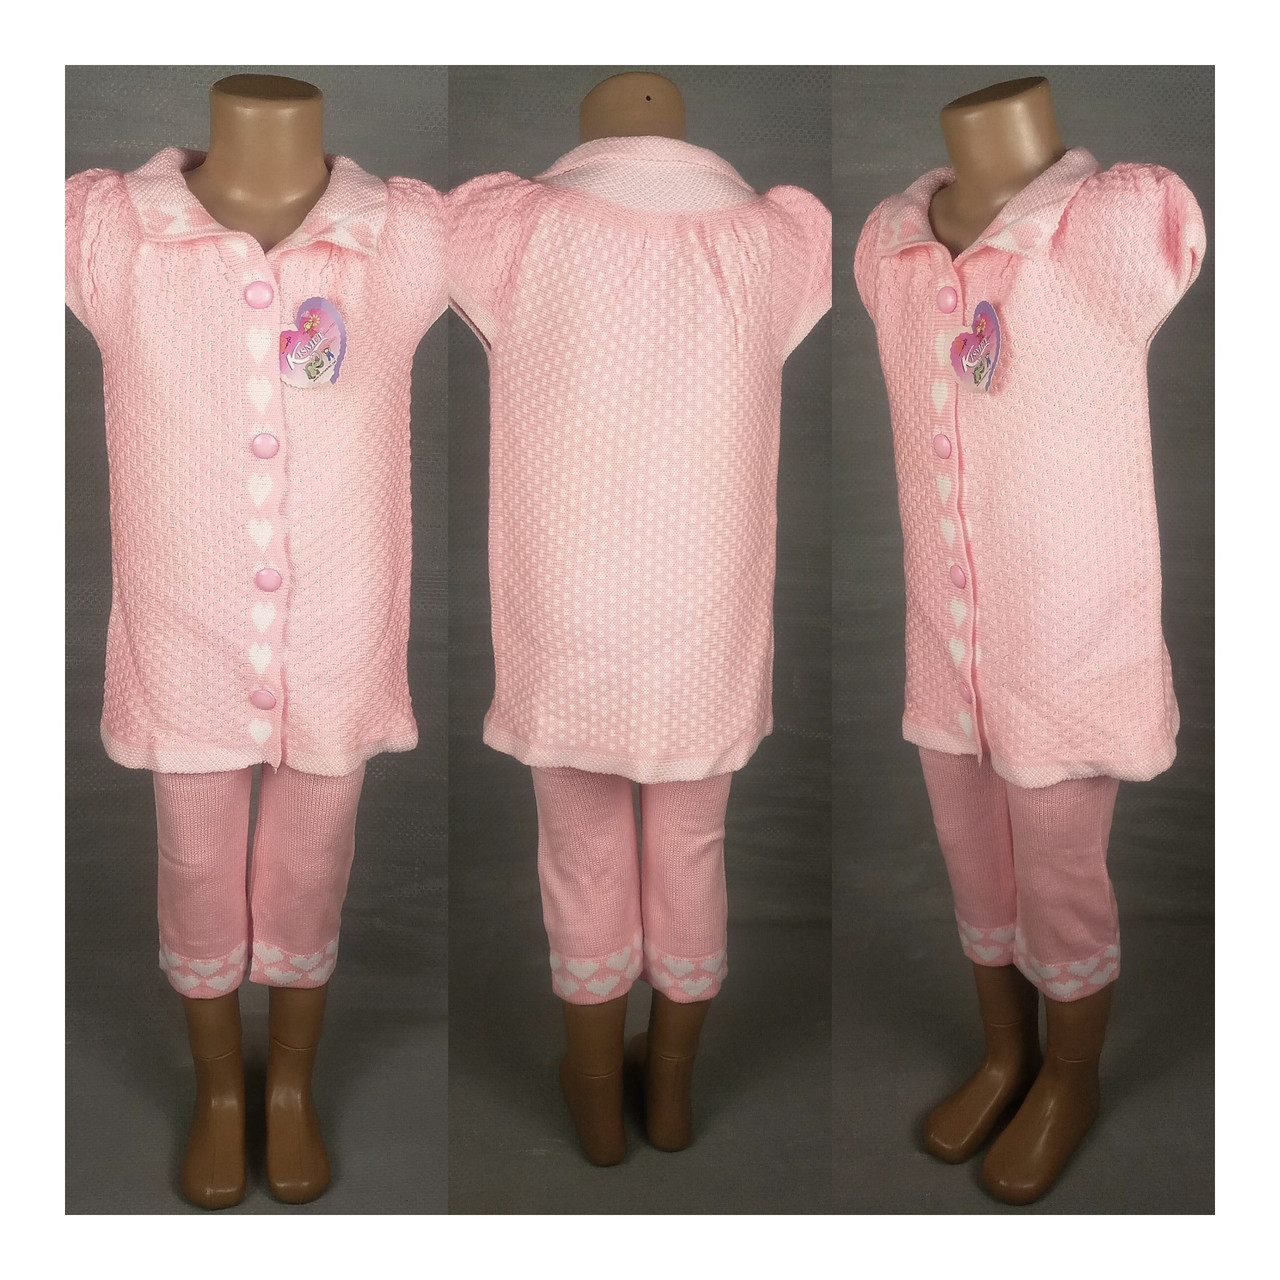 Теплый вязаный трикотажный костюм на девочку персиковый.